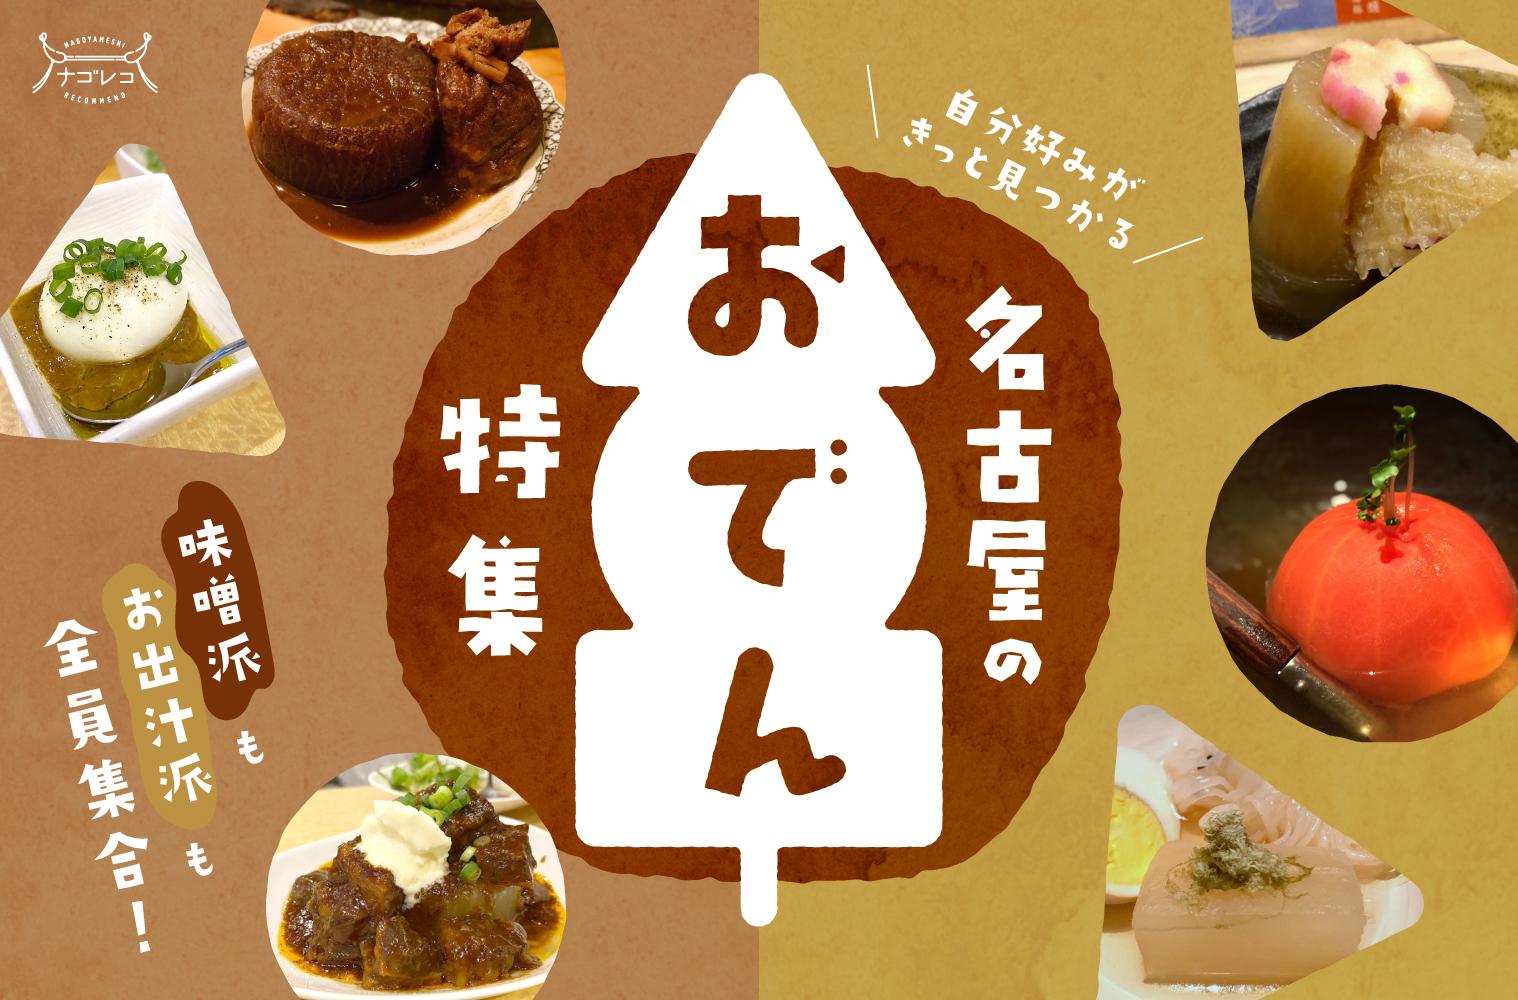 まとめ|味噌派もお出汁派も全員集合!自分好みがきっと見つかる、名古屋のおでん特集